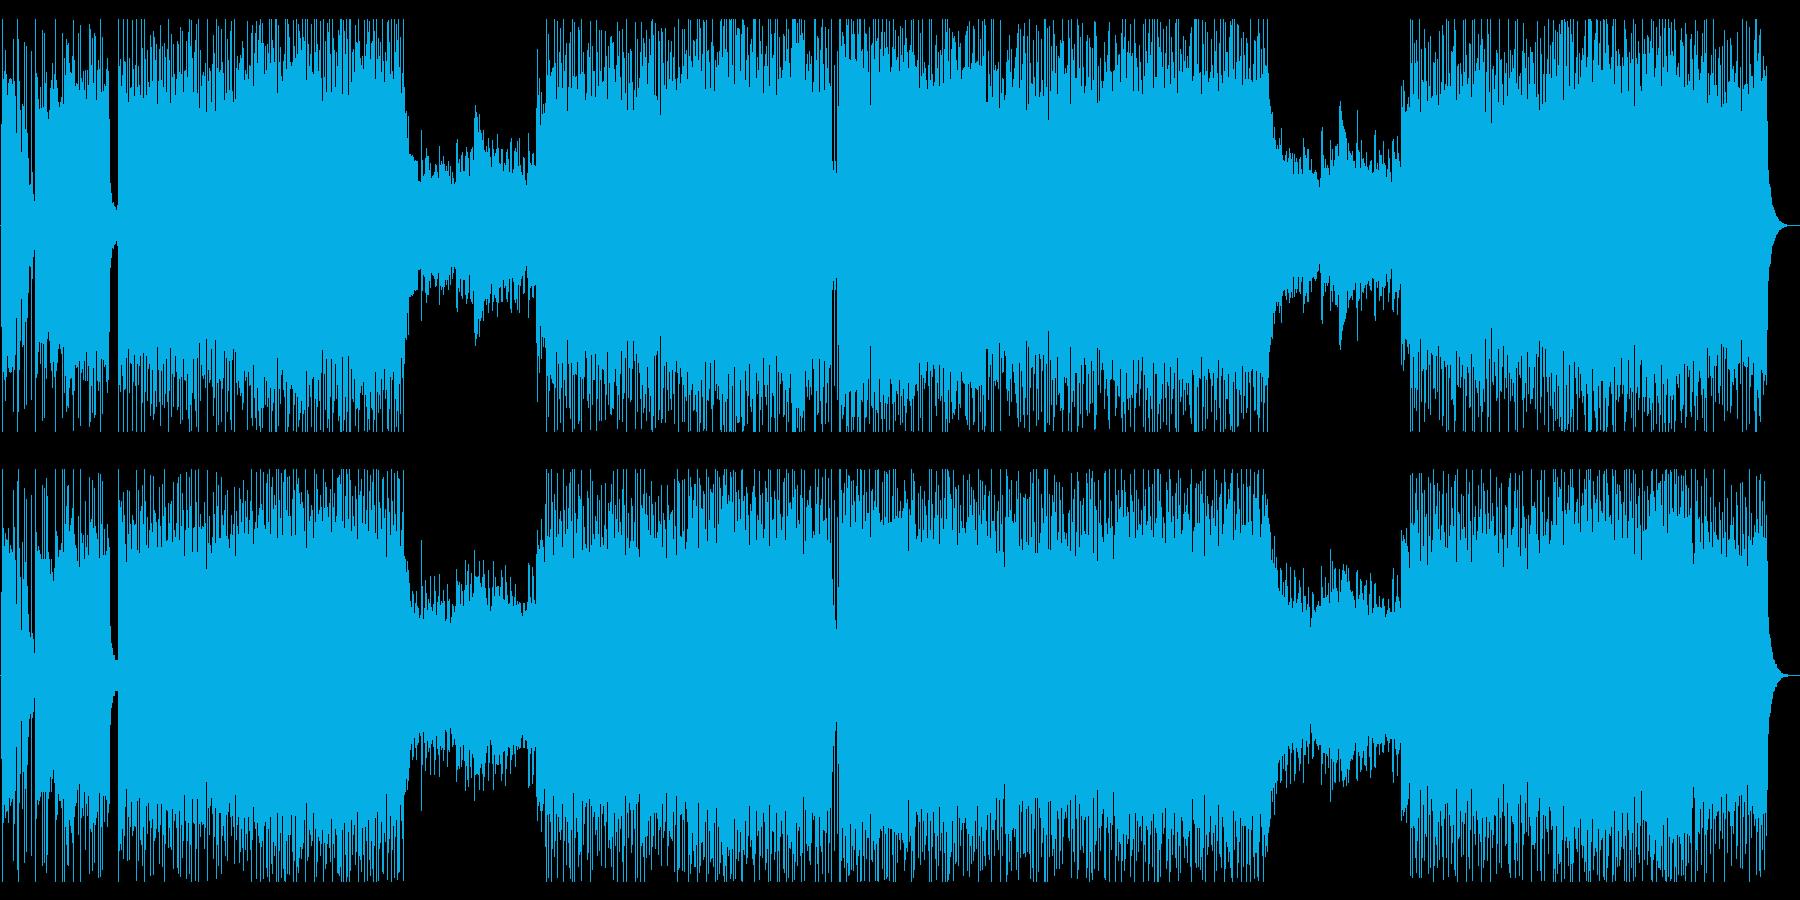 凶悪でゴリゴリなシンフォニック・ロックの再生済みの波形